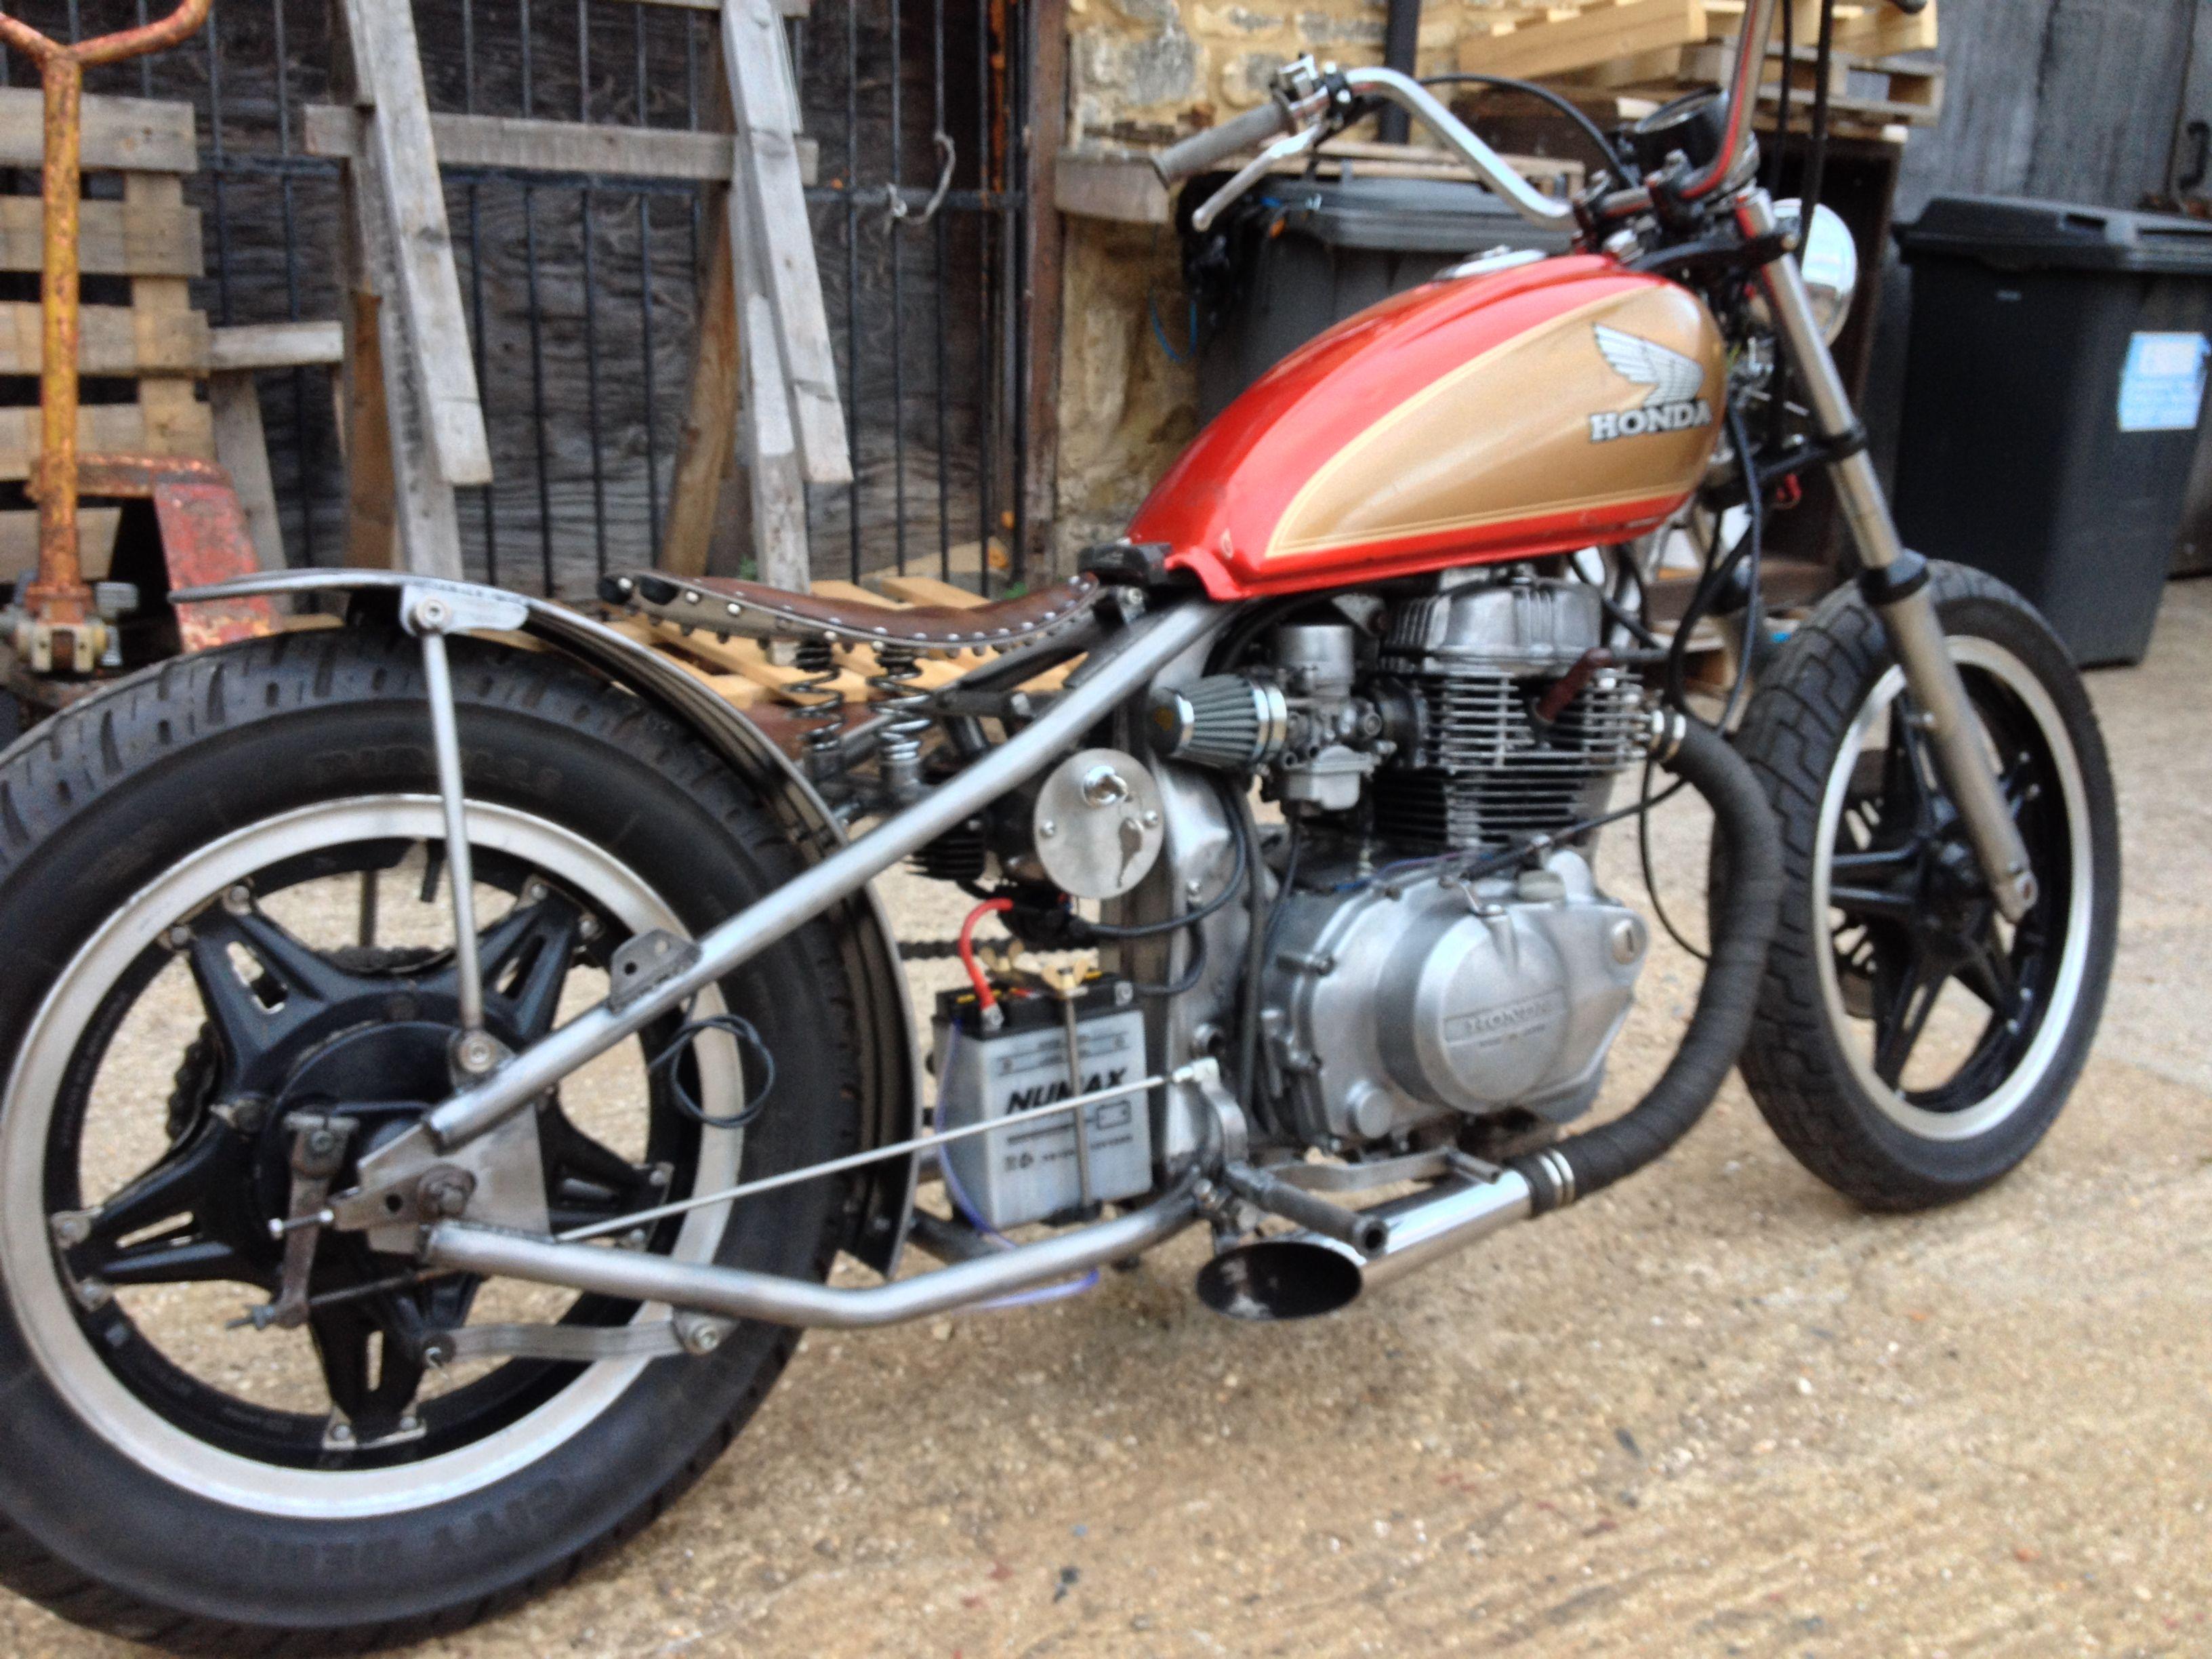 Honda cm 250 hardtail bobber Bikes Pinterest